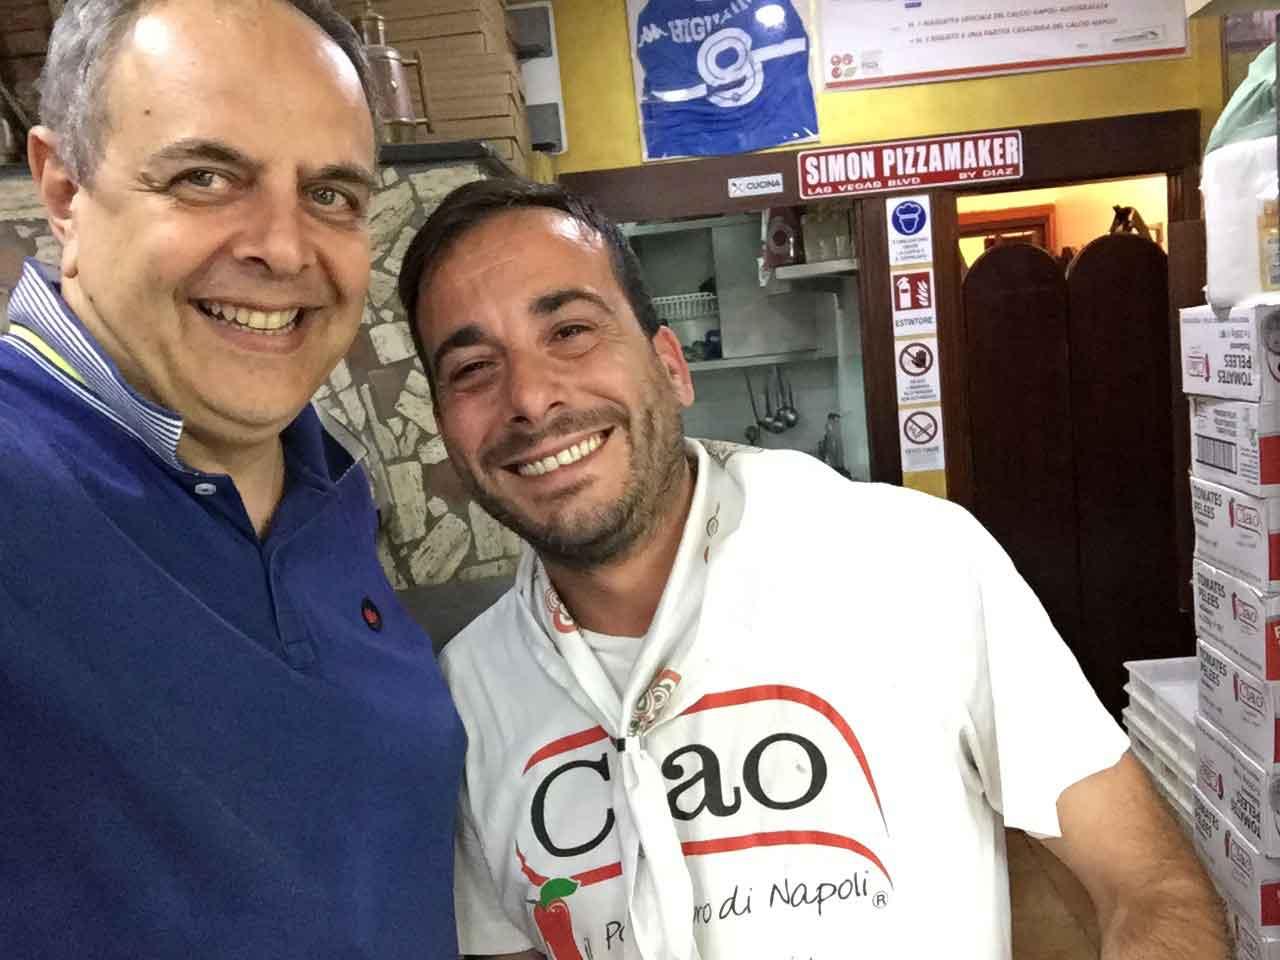 Vincenzo Pagano Simone Fortunato pizzeria Diaz